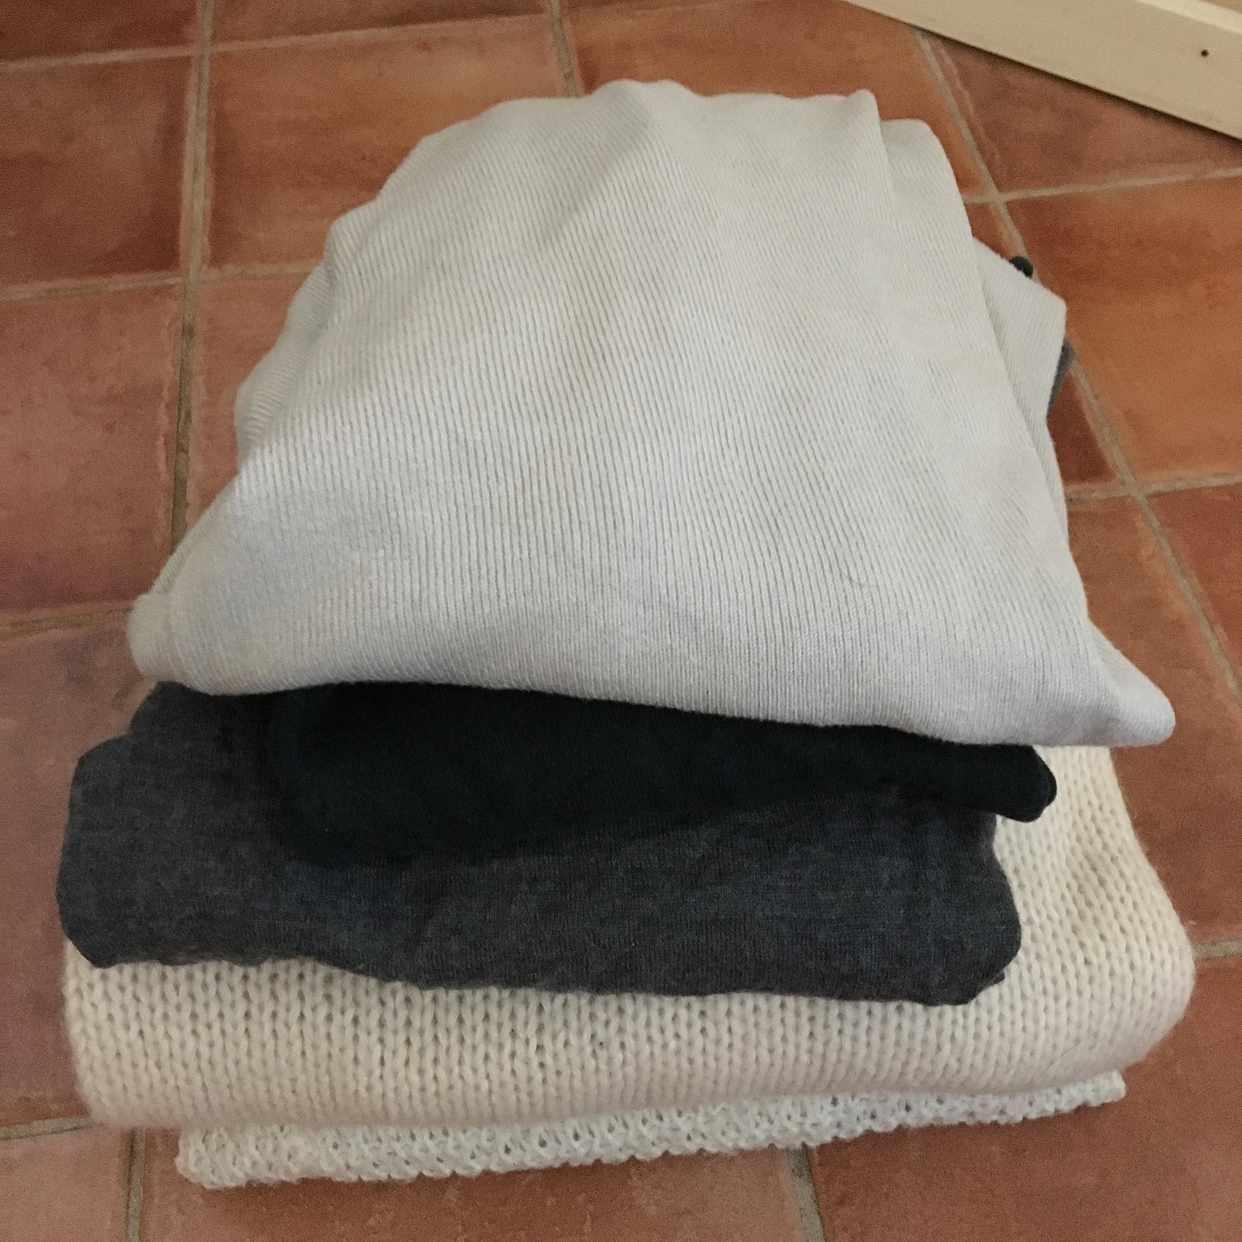 image of Bortsänkes kläder - Södertälje